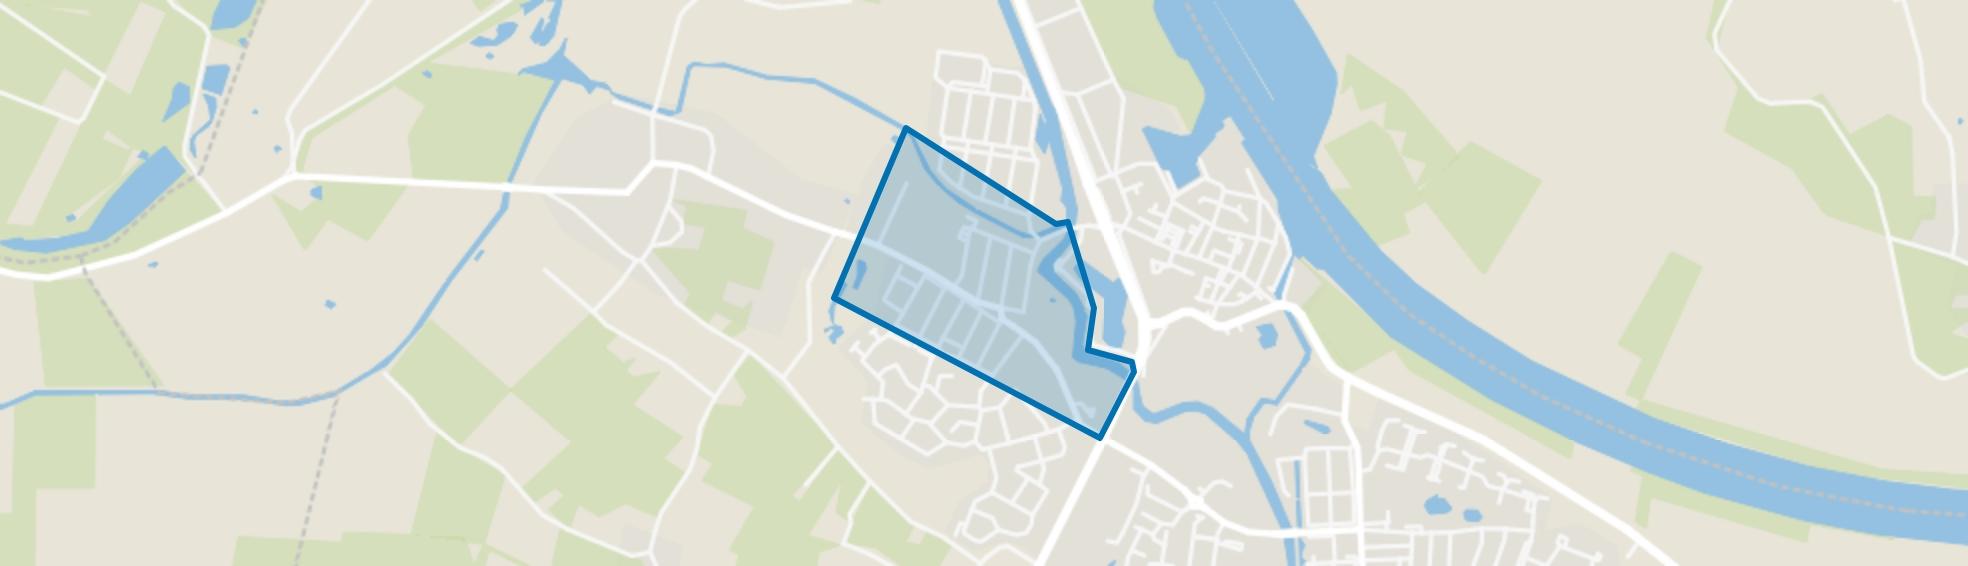 Bikkelkamp, Grave map